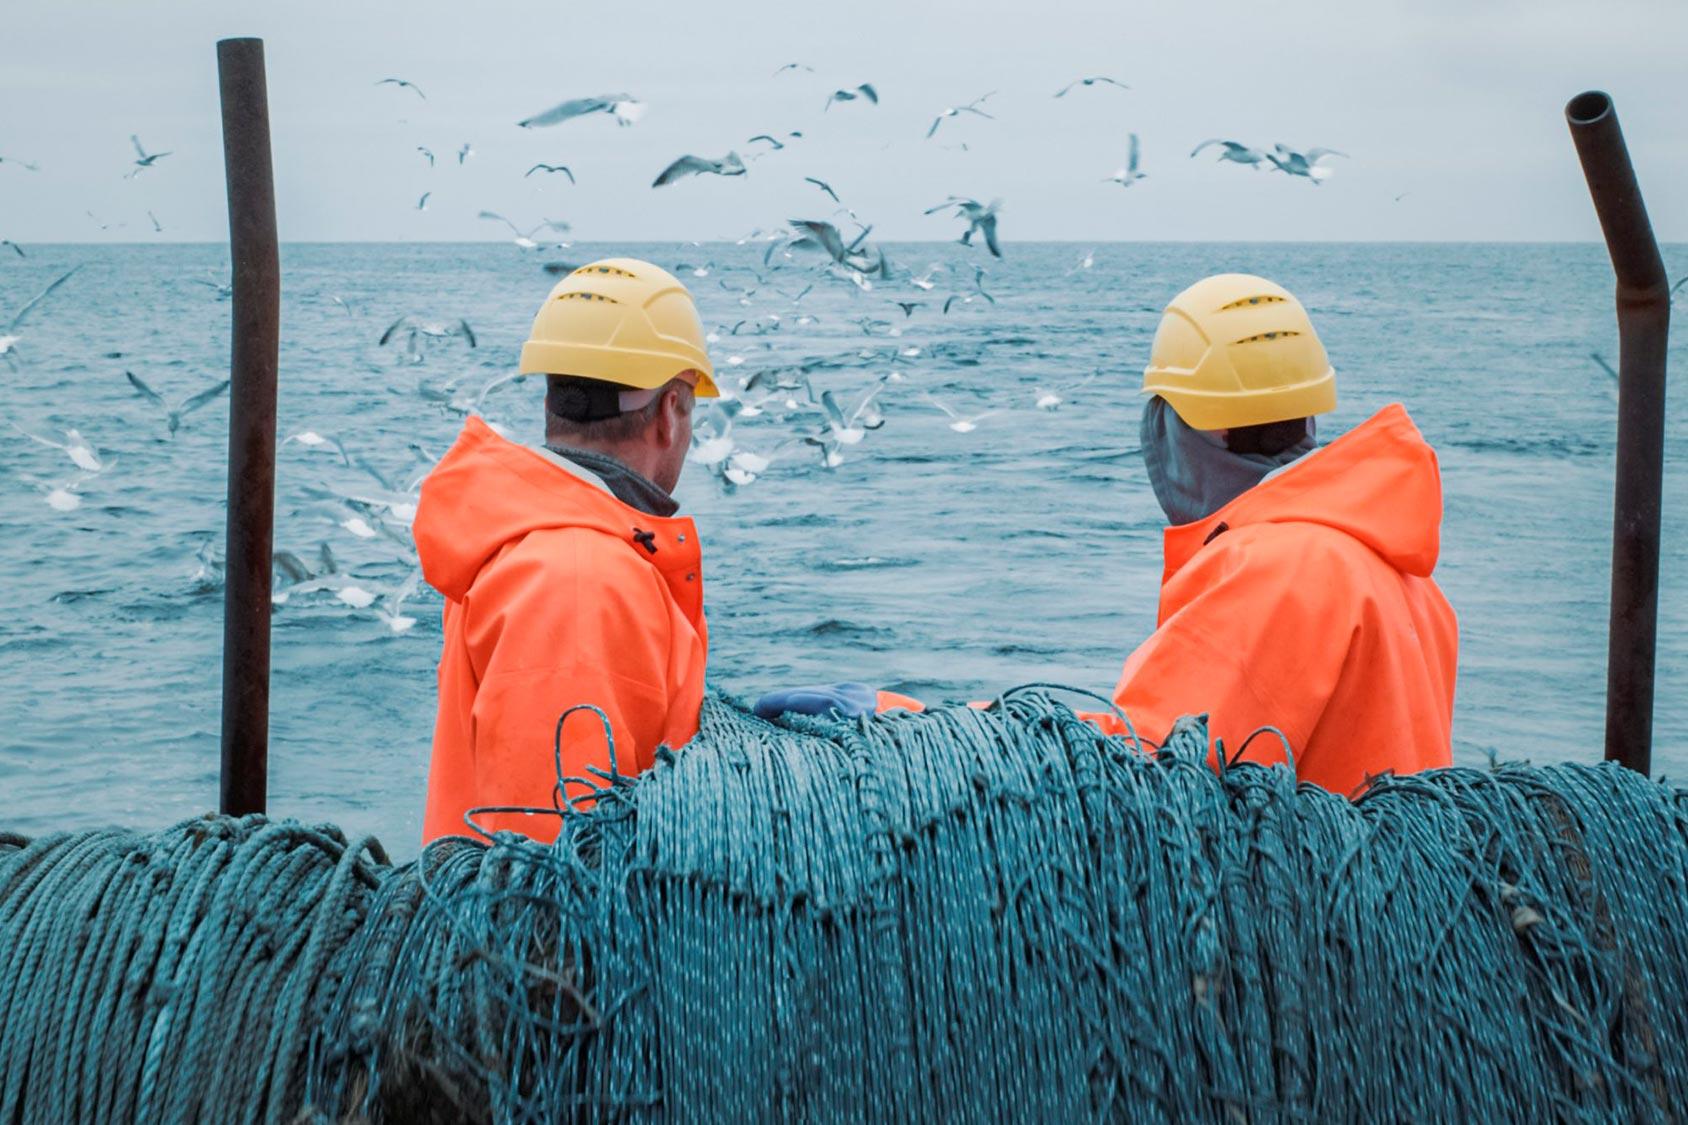 Curso Técnico em Recursos Pesqueiros | Central Pronatec